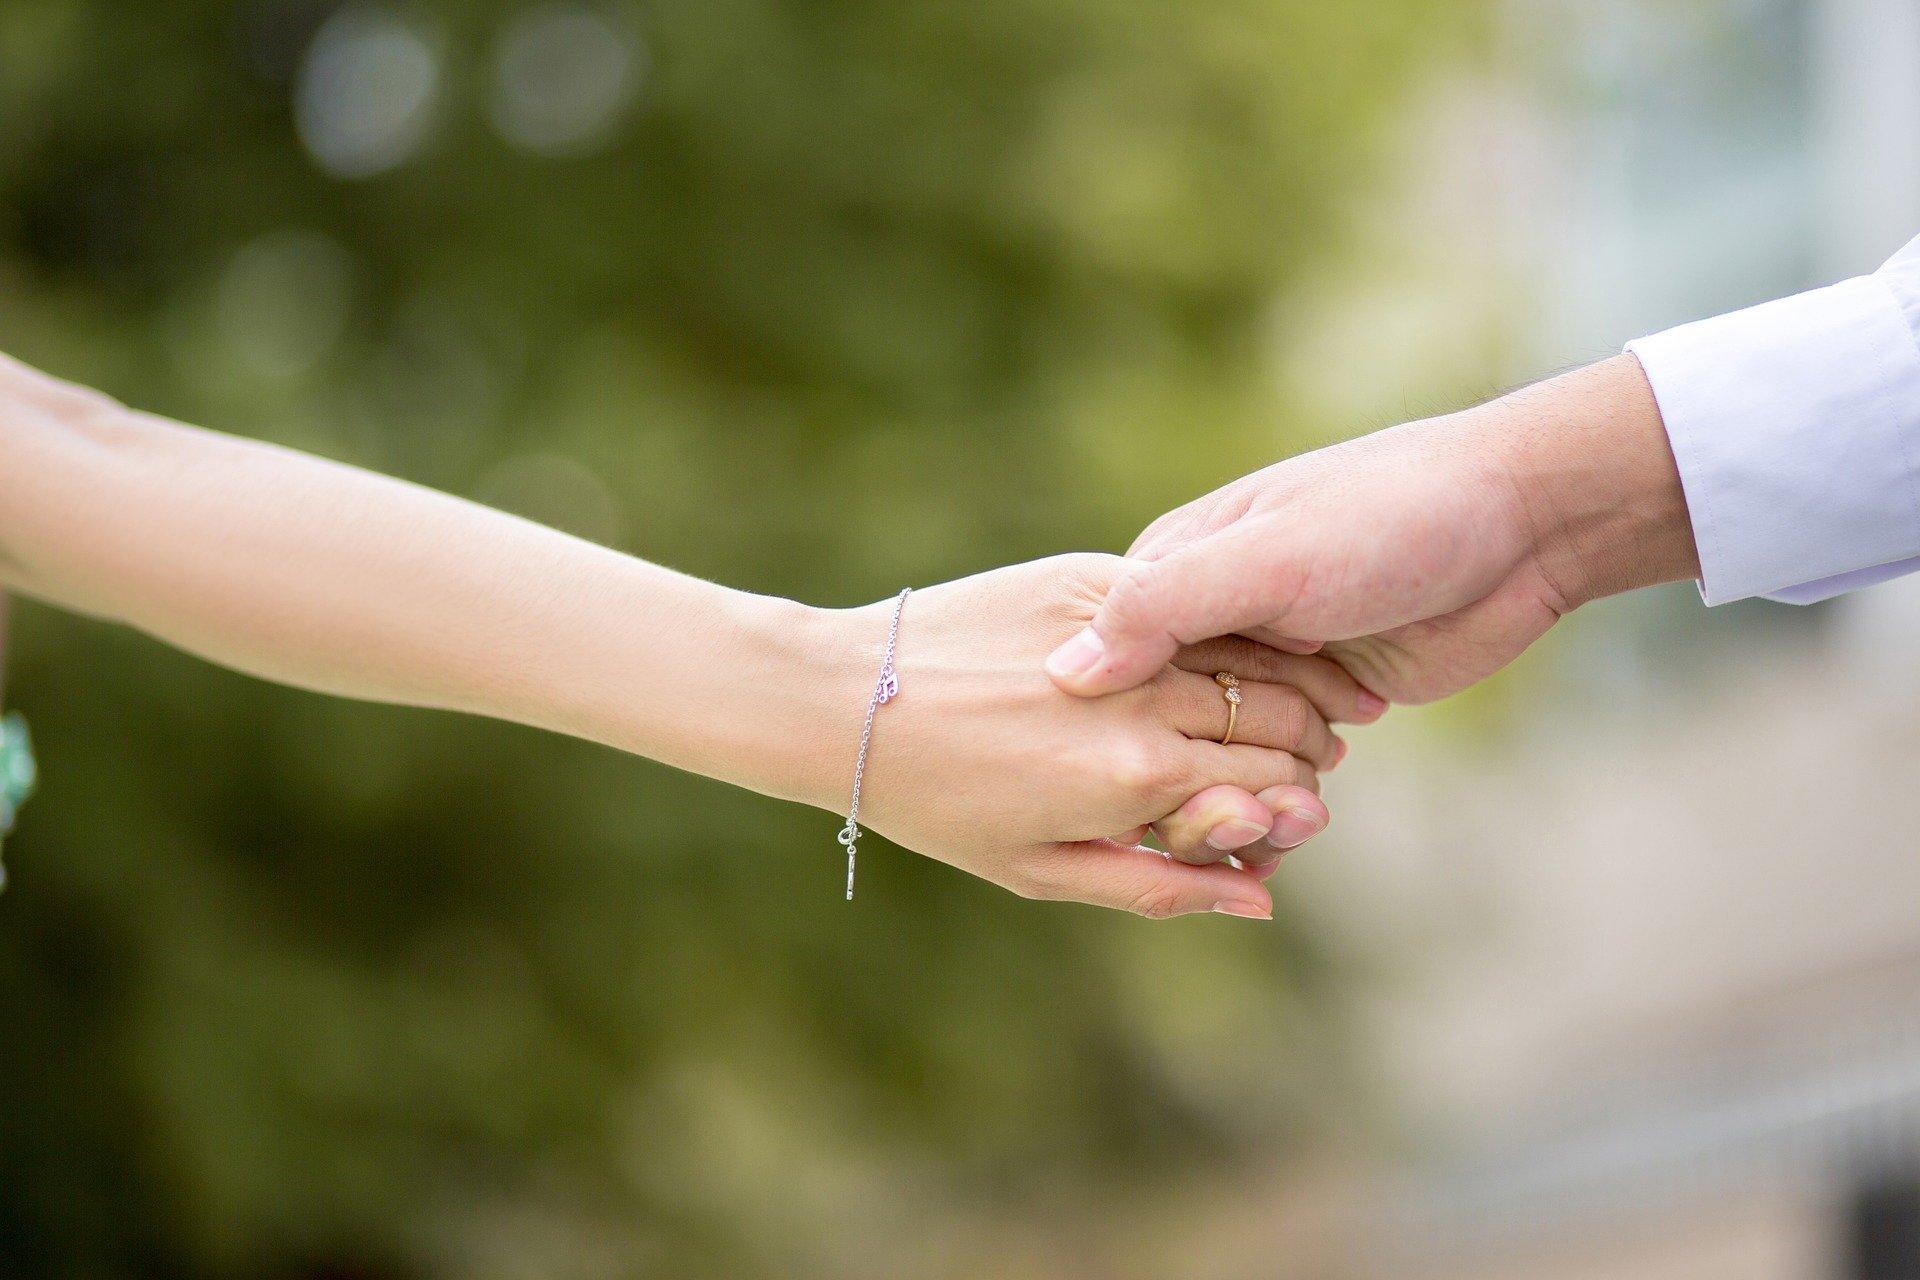 hand to hand 2064491 1920.jpg?resize=412,232 - Amour : 8 façons de raviver la flamme au sein de votre couple !